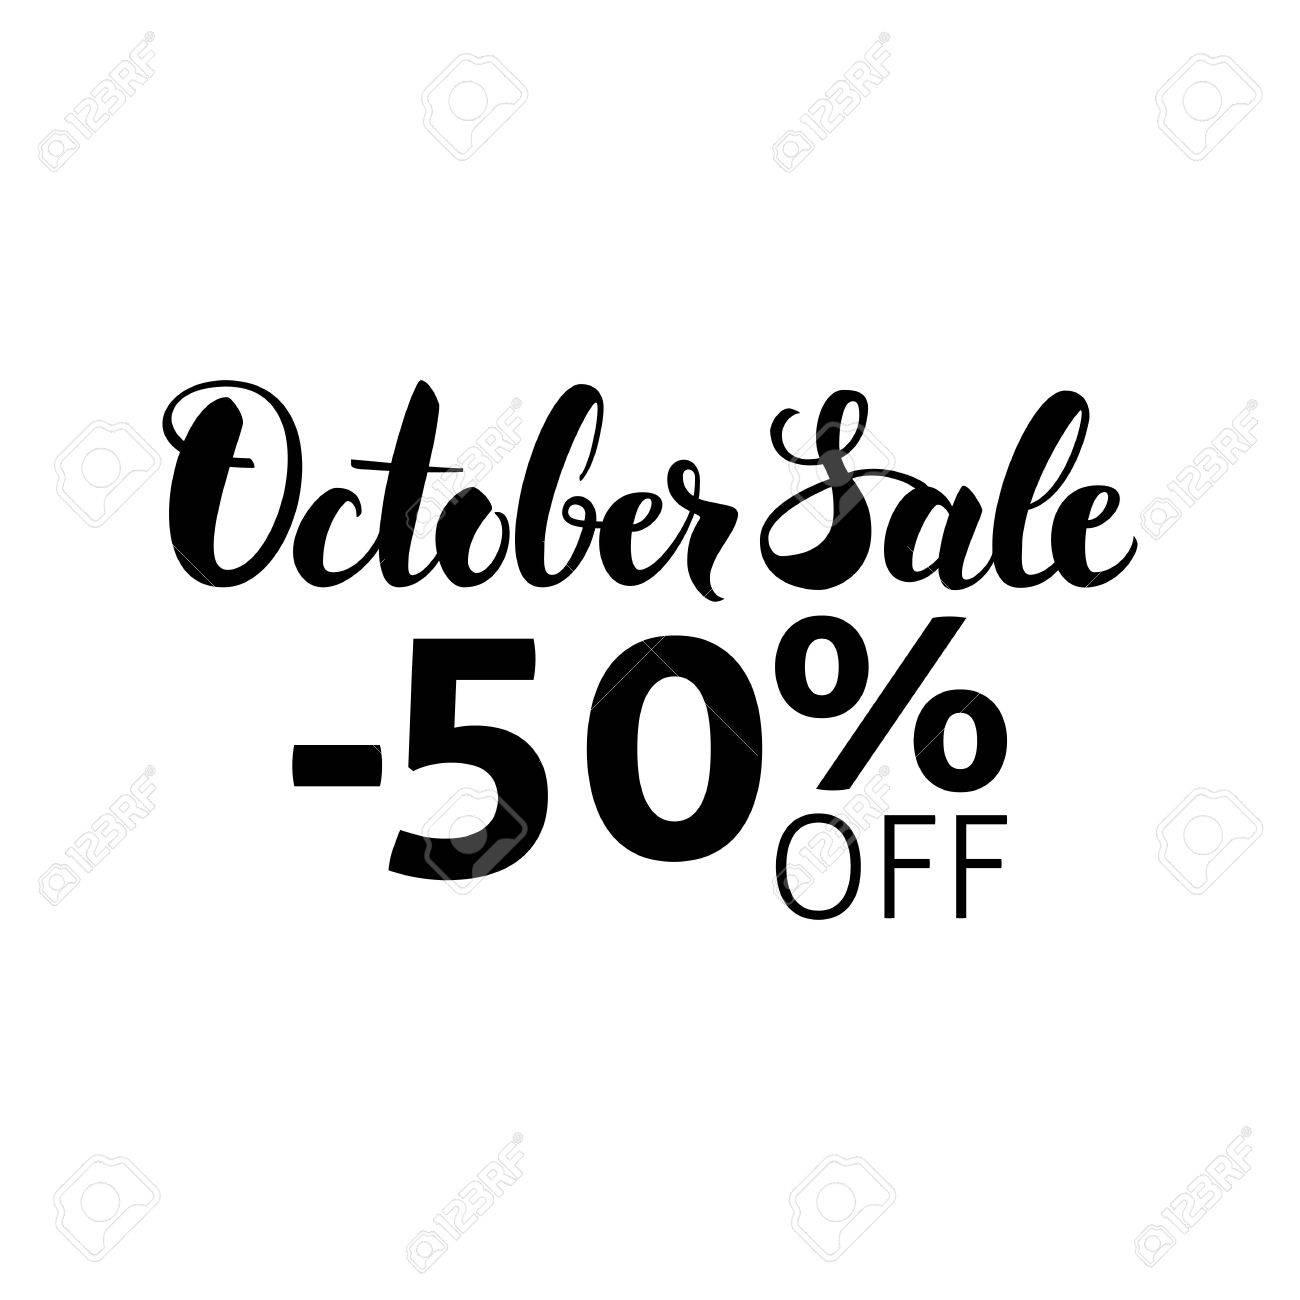 10 月販売のレタリング 白い背景に分離された書道のベクター イラストです 手には インク ブラシ テキストが描画されます 秋の割引 50 のイラスト素材 ベクタ Image